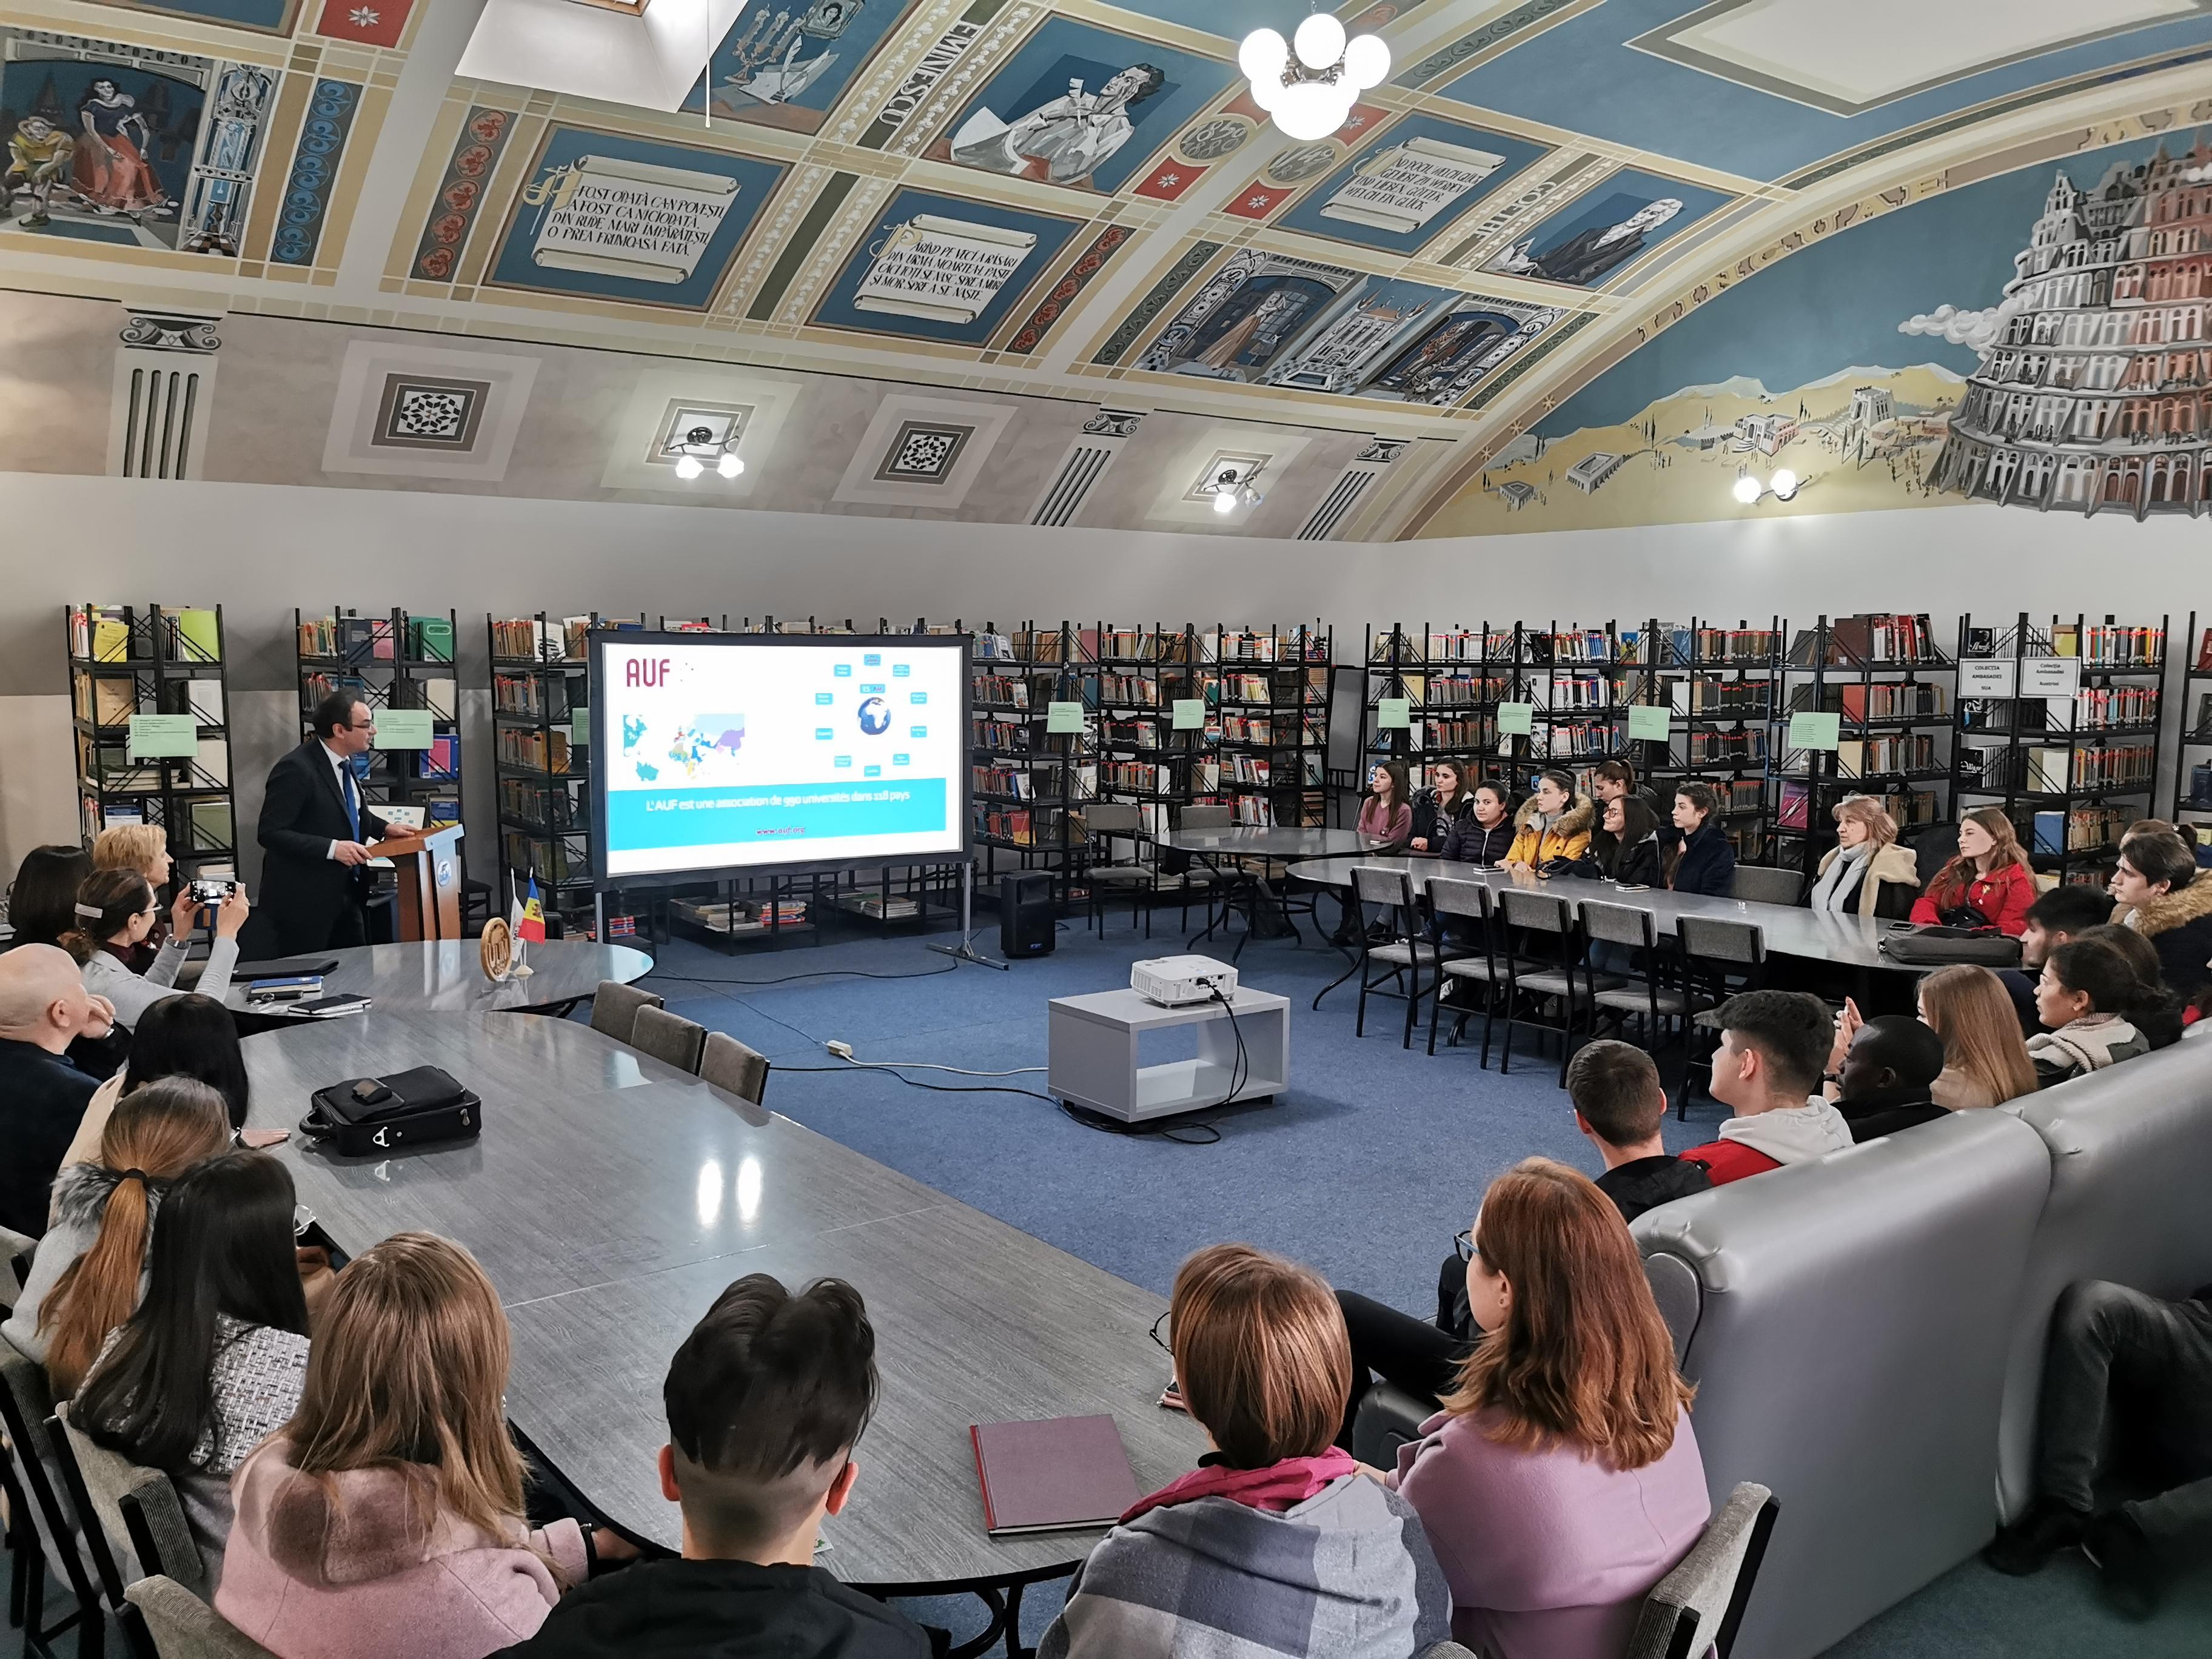 Școala Superioară Francofonă de Administrație și Management din Sofia propune burse la Ciclul Masterat